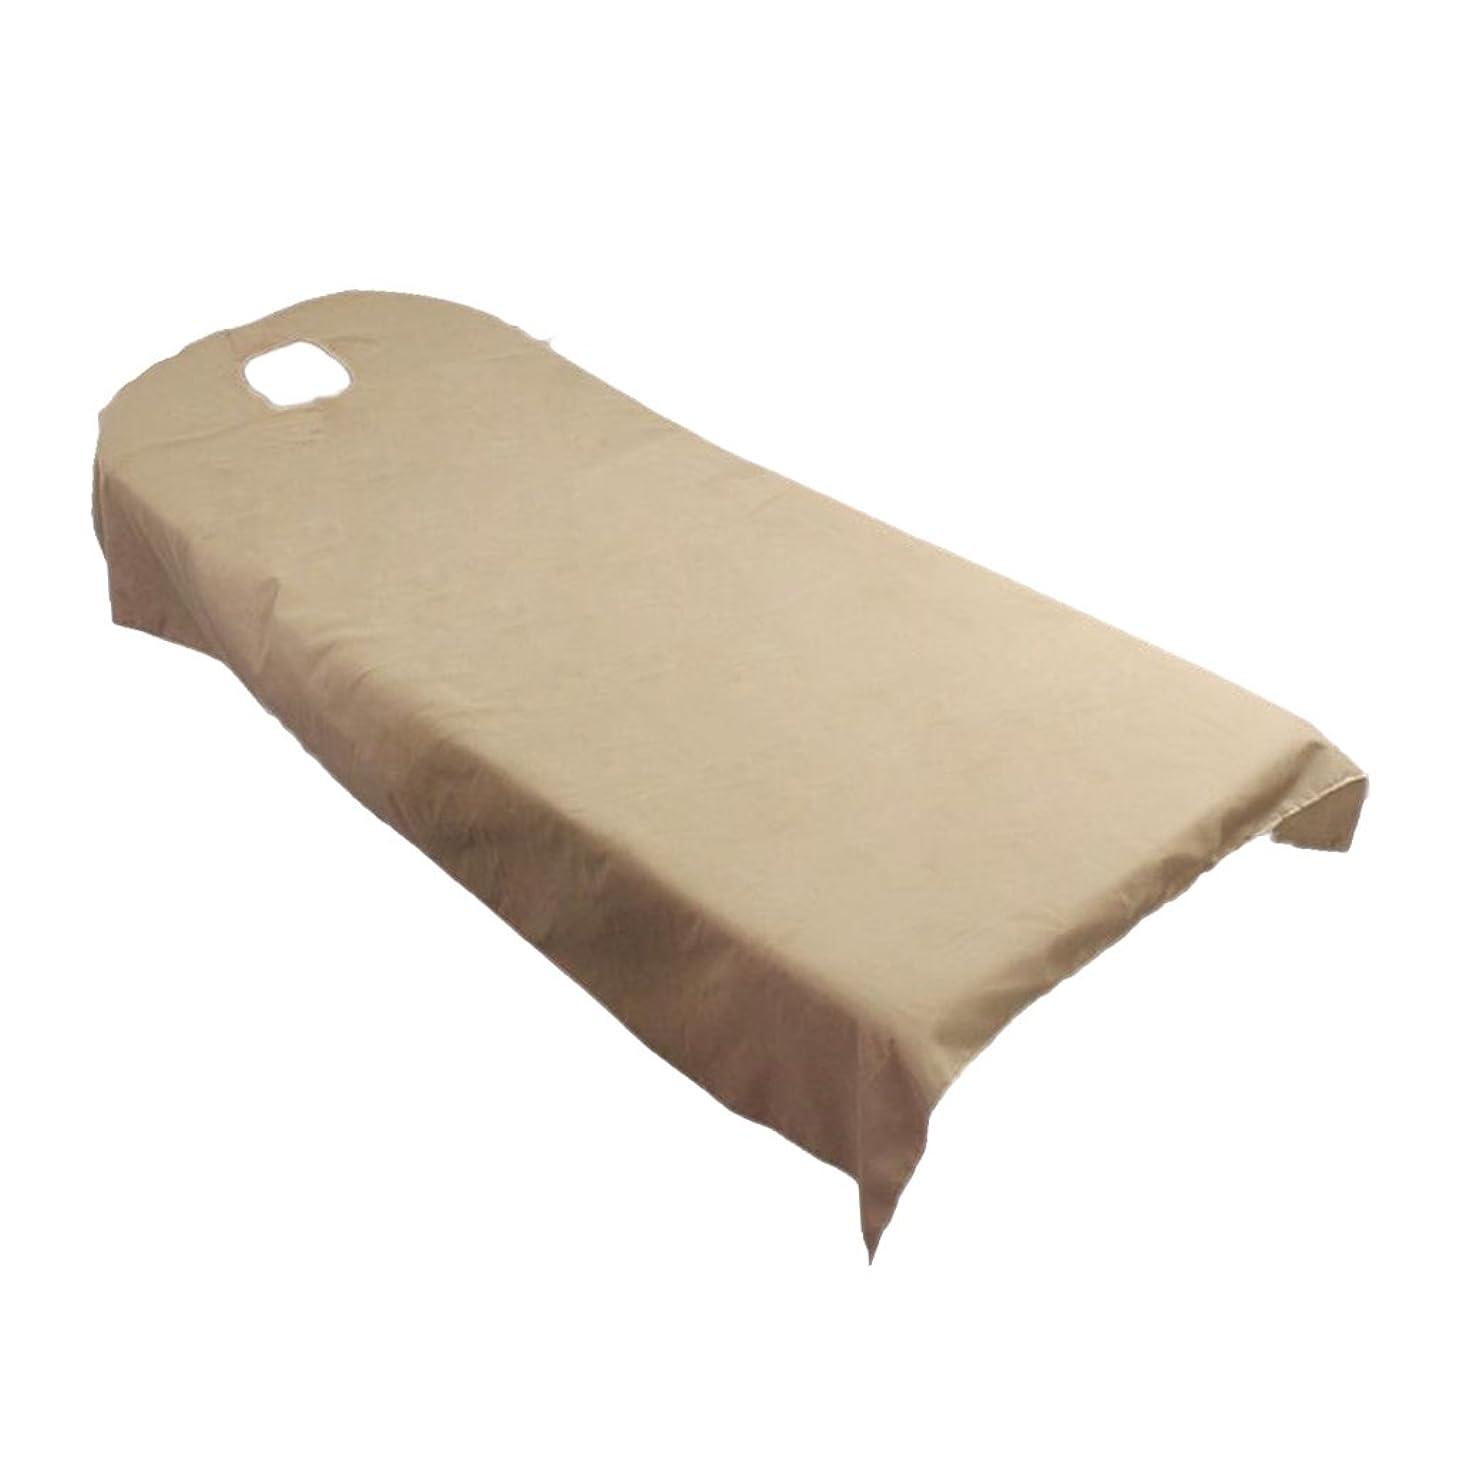 多年生白い物足りないBaosity タオル地 ベッドカバー ソファーカバー シート 面部の位置 ホール付き 美容/マッサージ/SPA 用 9色選べる - キャメル